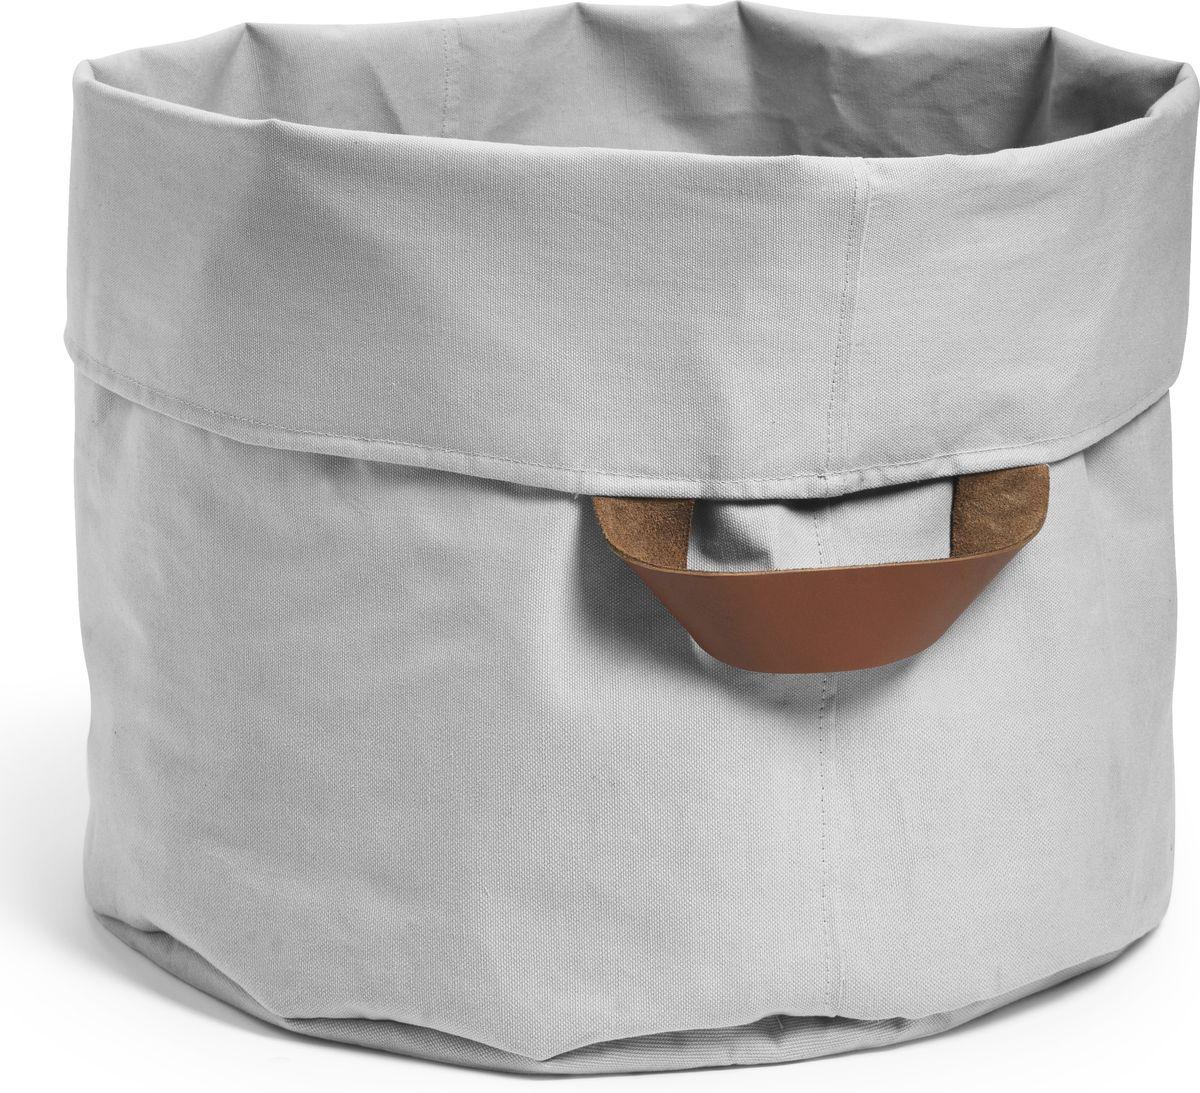 Elodie Details Корзина для детских принадлежностей Marble GreyS03301004Корзина-переноска для игрушек и детских вещейElodieDetails Приносит порядок и стиль в детское пространство - предназначена для хранения игрушек и аксессуаров. - держит форму, даже когда пустая - крепкие прочные ручки из натуральной кожи - диаметр 45 см, высота 35 см - входит в серию дизайна постельных принадлежностей Elodie Details, можно дополнительно выбрать и другие аксессуары в едином стиле - сделана из невероятно гладкого и мягкого 100% органического хлопка-перкаль. Хлопок имеет сертификацию GOTS, вырос без использования вредных химических веществ. Коллекцию Marble Grey отличают благородные серые цвета: в однотонном варианте и в виде необычного мраморного принта. Серый цвет придает изысканность и утонченность любому образу, он отлично сочетается с яркими аксессуарами и позволяет экспериментировать, создавая смелые модные ансамбли. А кроме прочего, серый цвет универсален и подходит как мальчику, так и девочке.